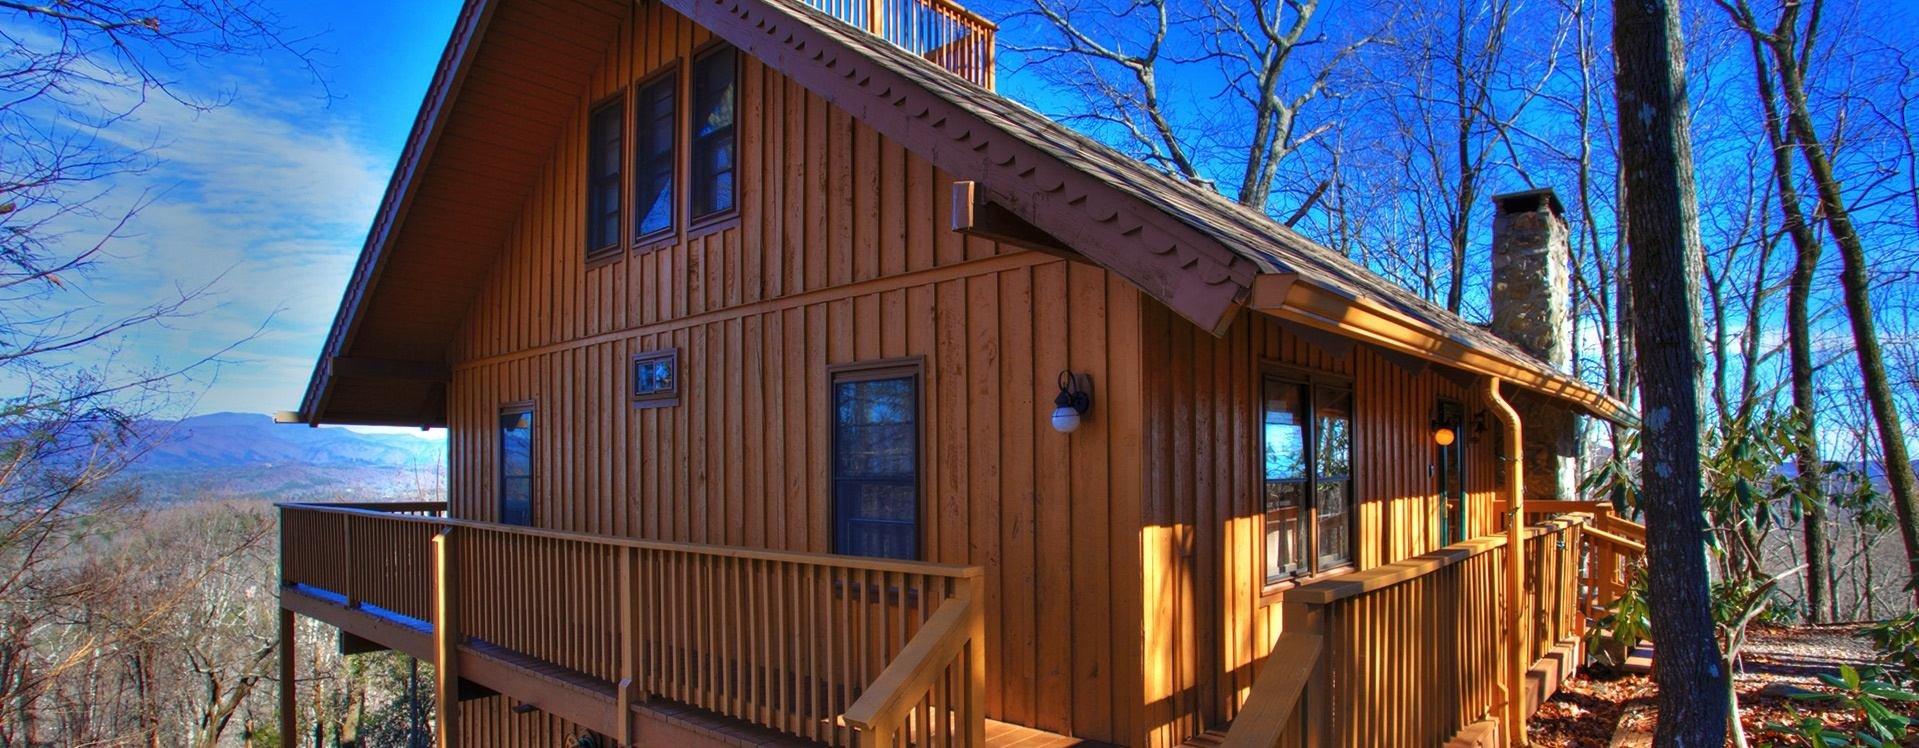 Chalet-in-the-Sky-Cedar-Creek-Cabin-Rentals-Helen-Georgia-top-banner